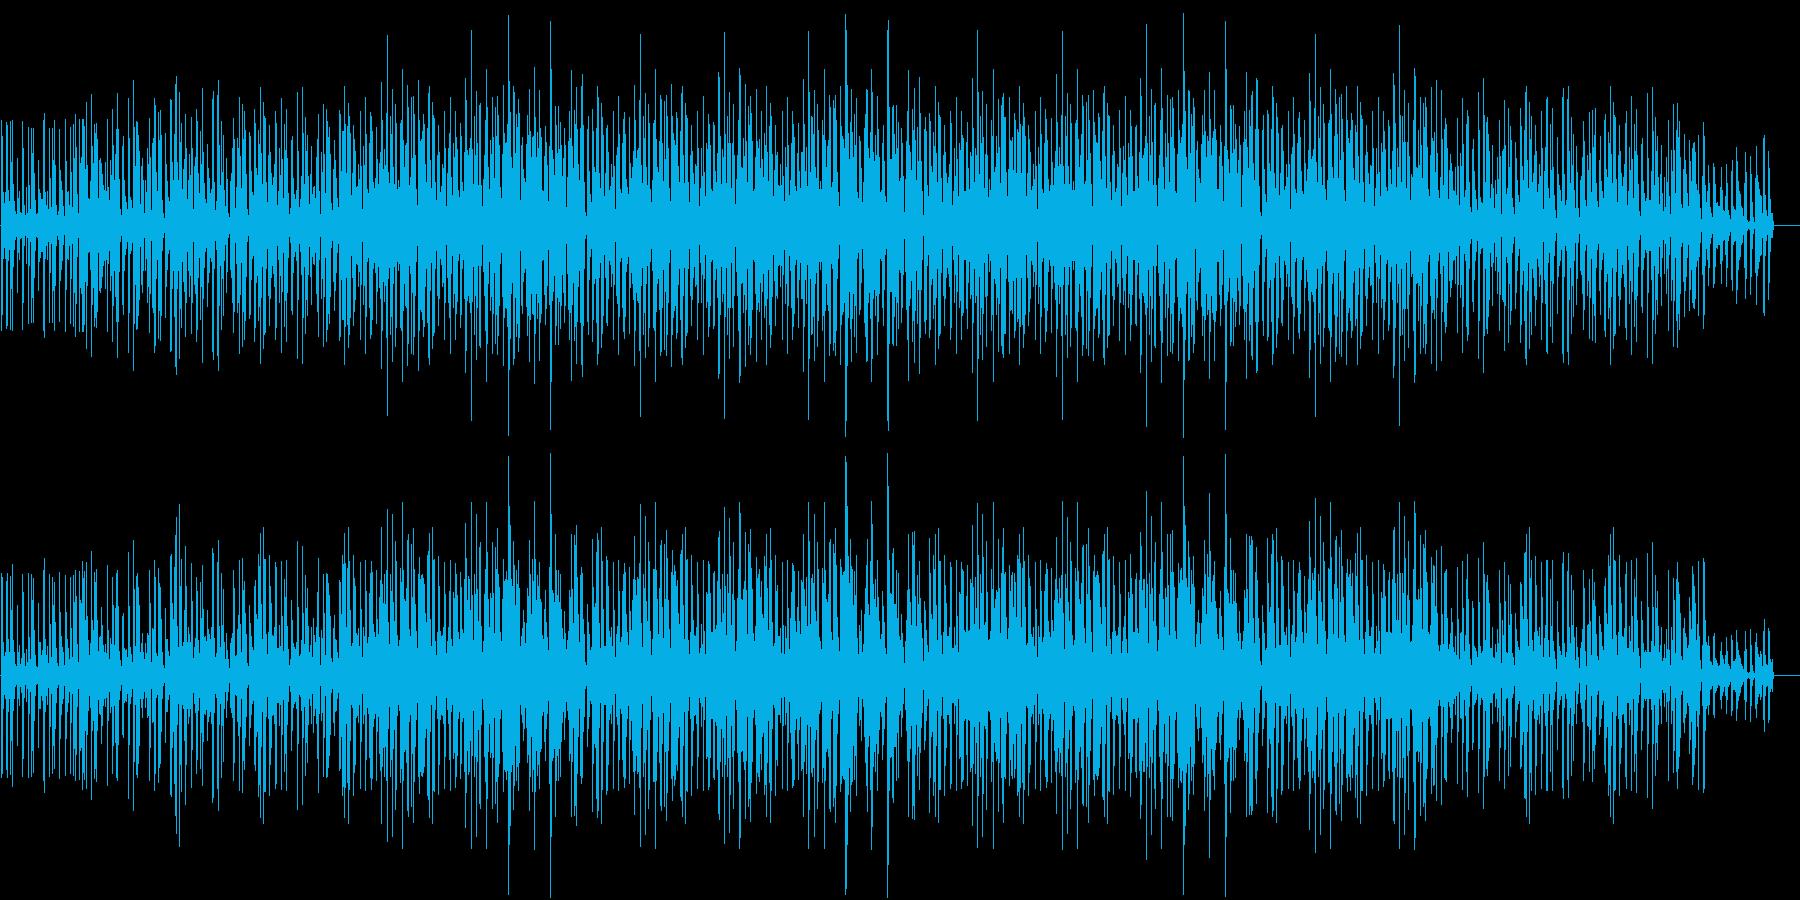 152bpm、Bb-Maj、ジャズ調の再生済みの波形